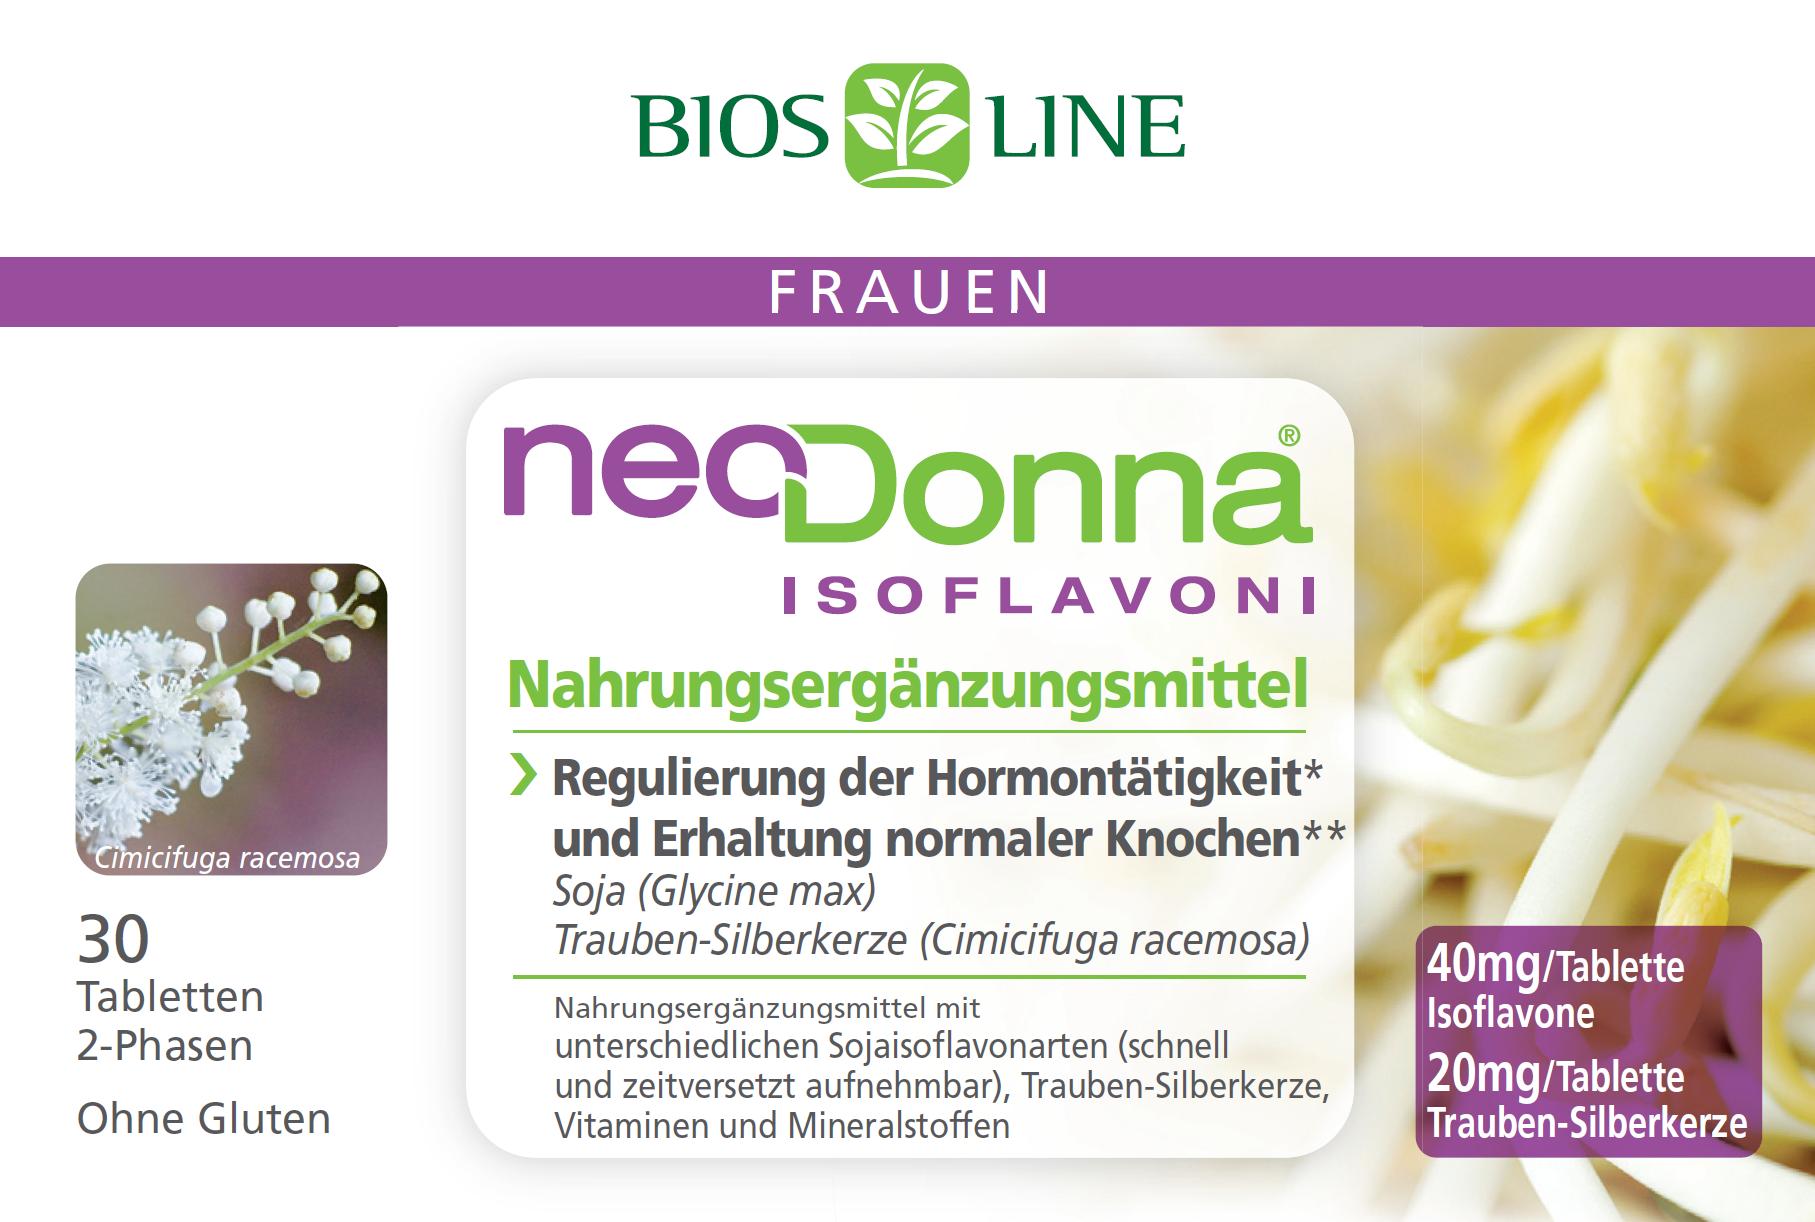 Neodonna 2-Phasen Retard Tabletten Bios Line